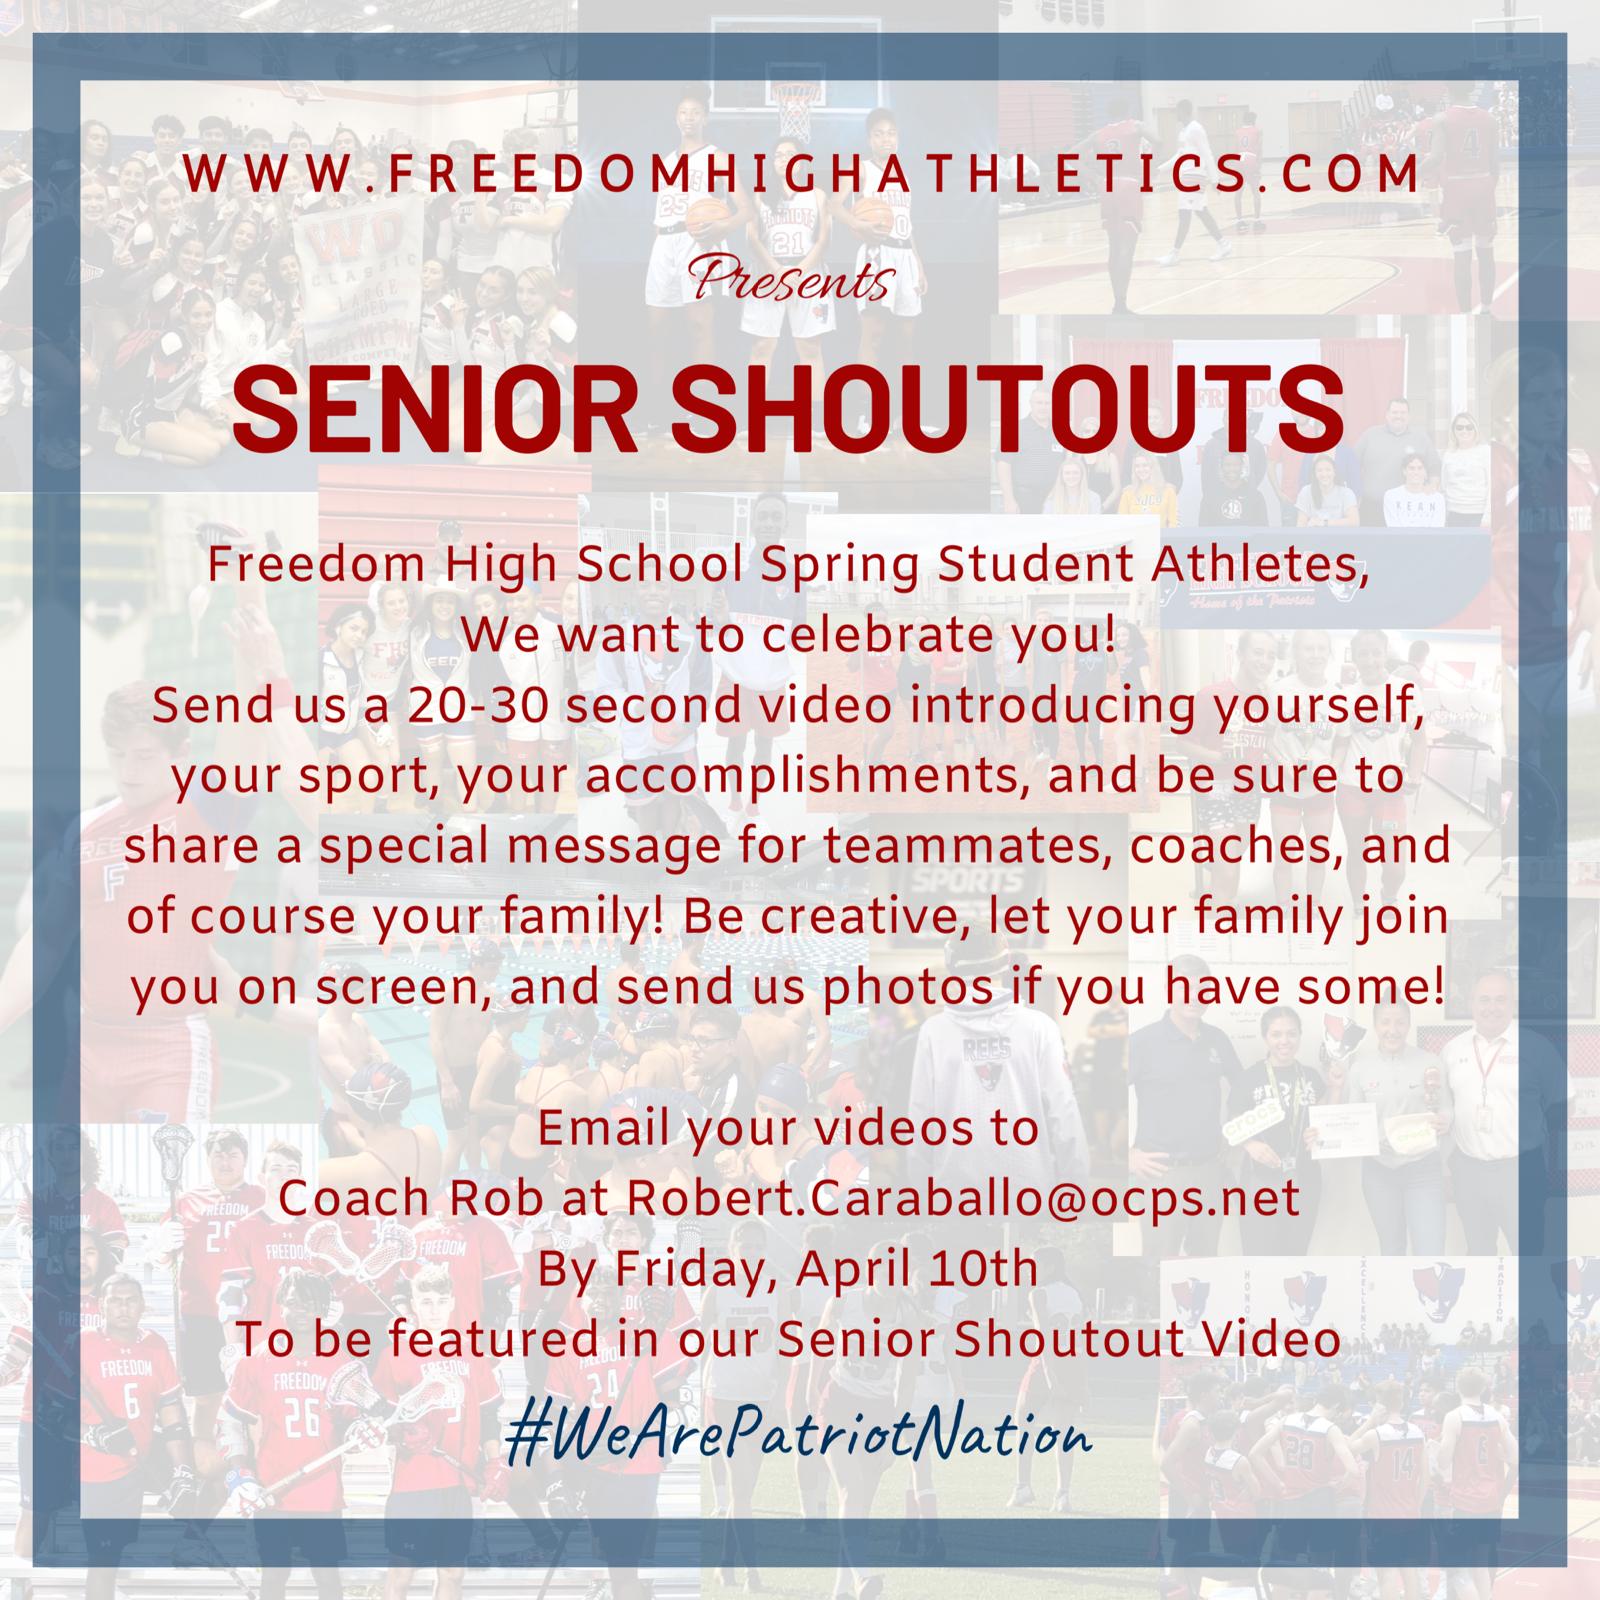 Senior Shoutouts: Seniors Submit Your Videos Today!